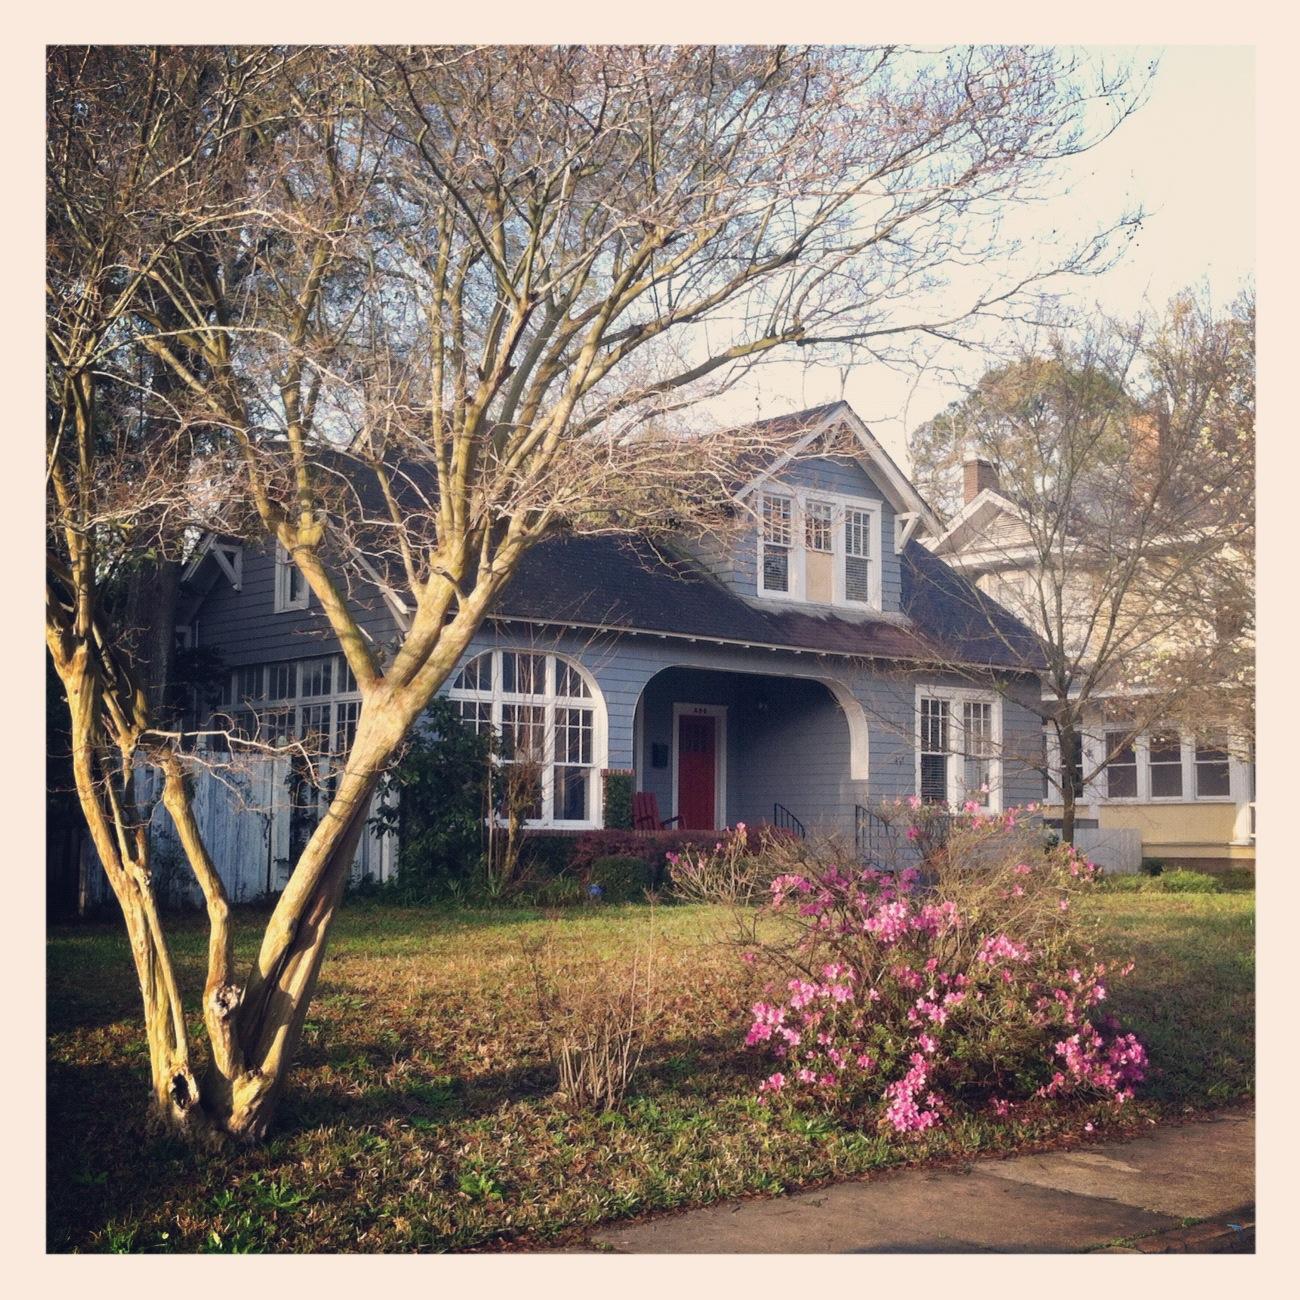 Baldwin Park Baldwin Park: Real Estate In Savannah, Georgia